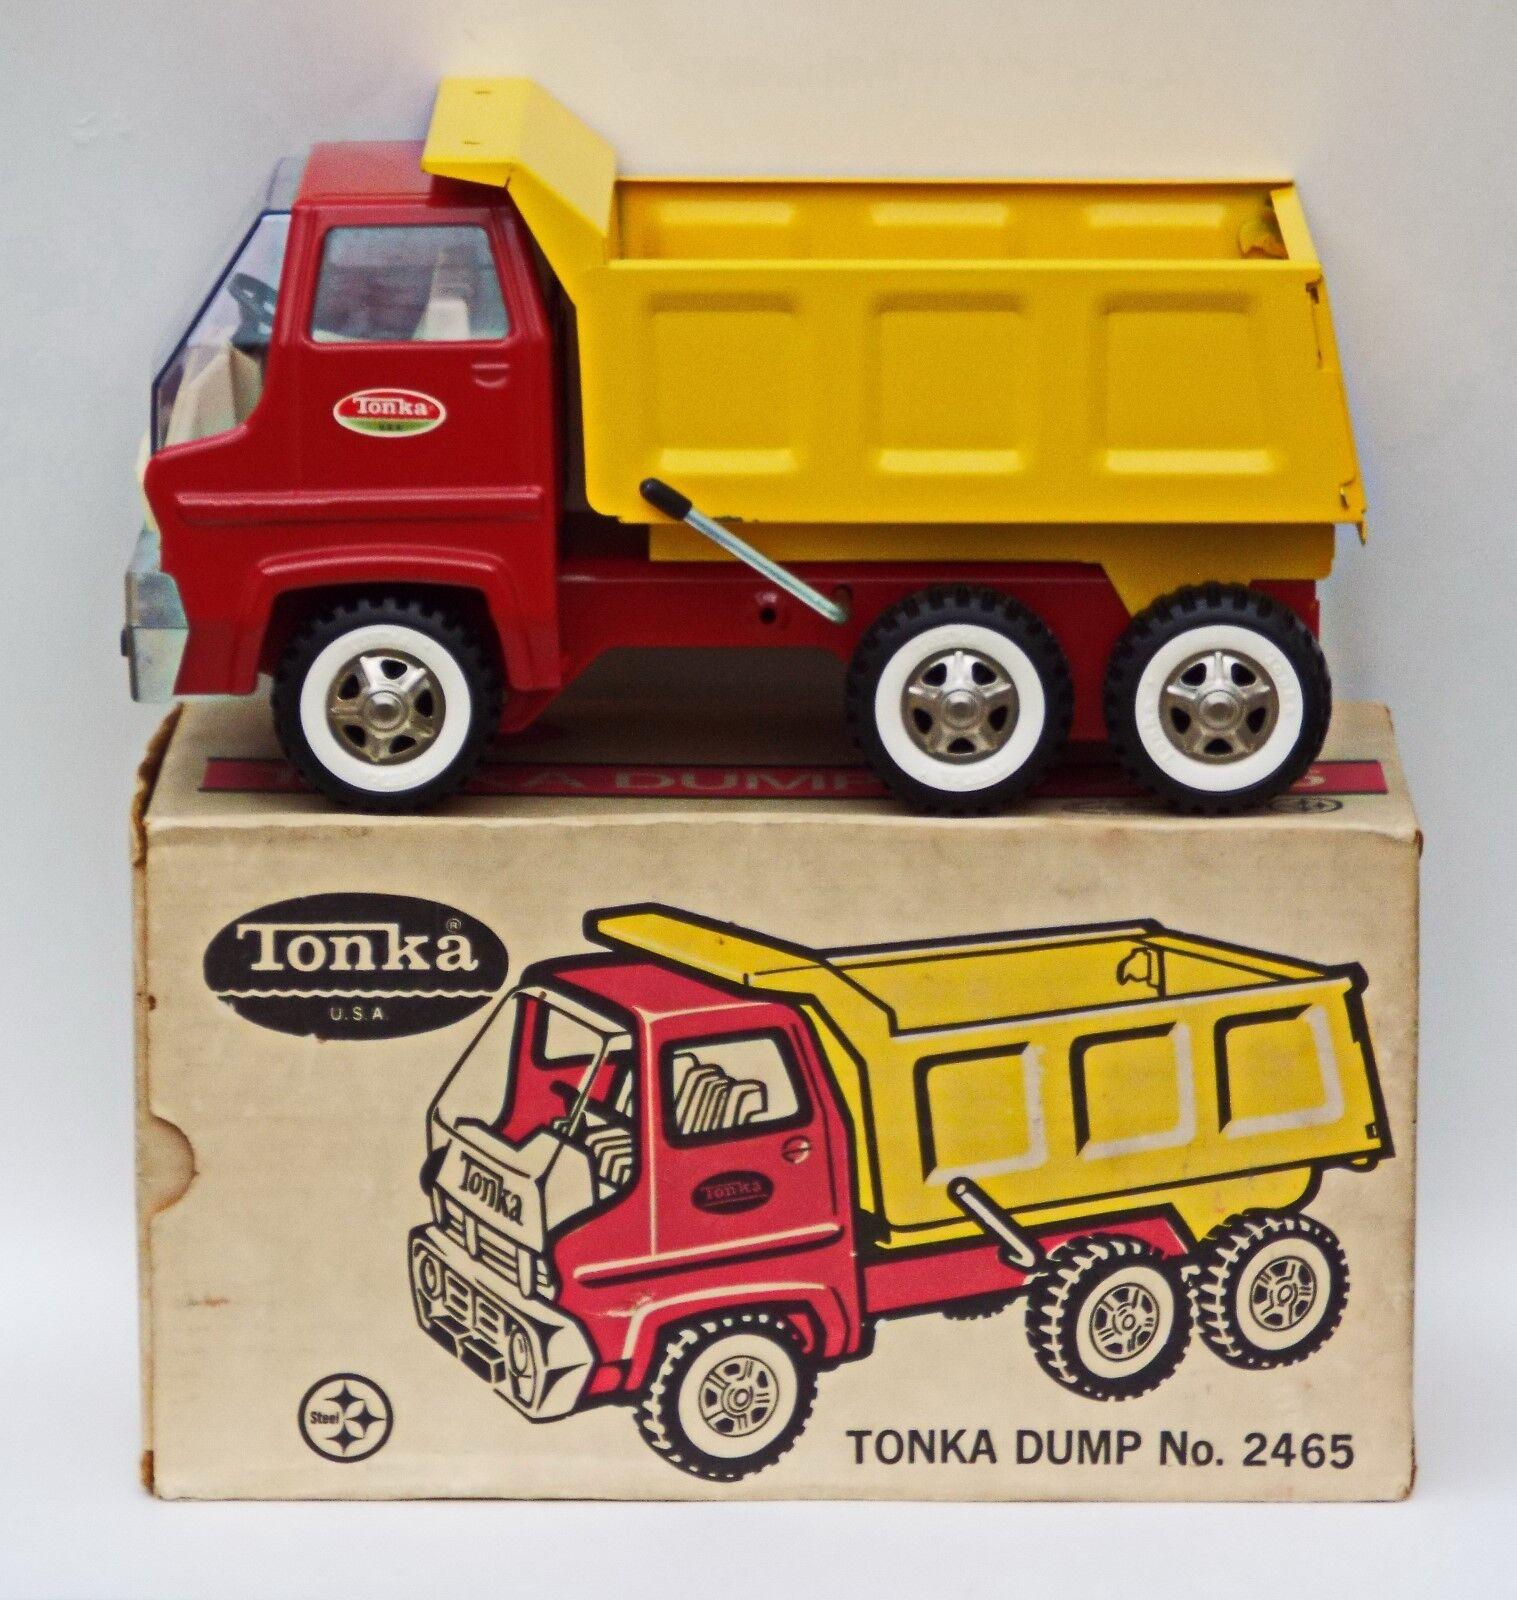 Tonka Camión con caja no 2465 Hauler construcción Coleccionistas grado década de 1970 Nuevo En Caja